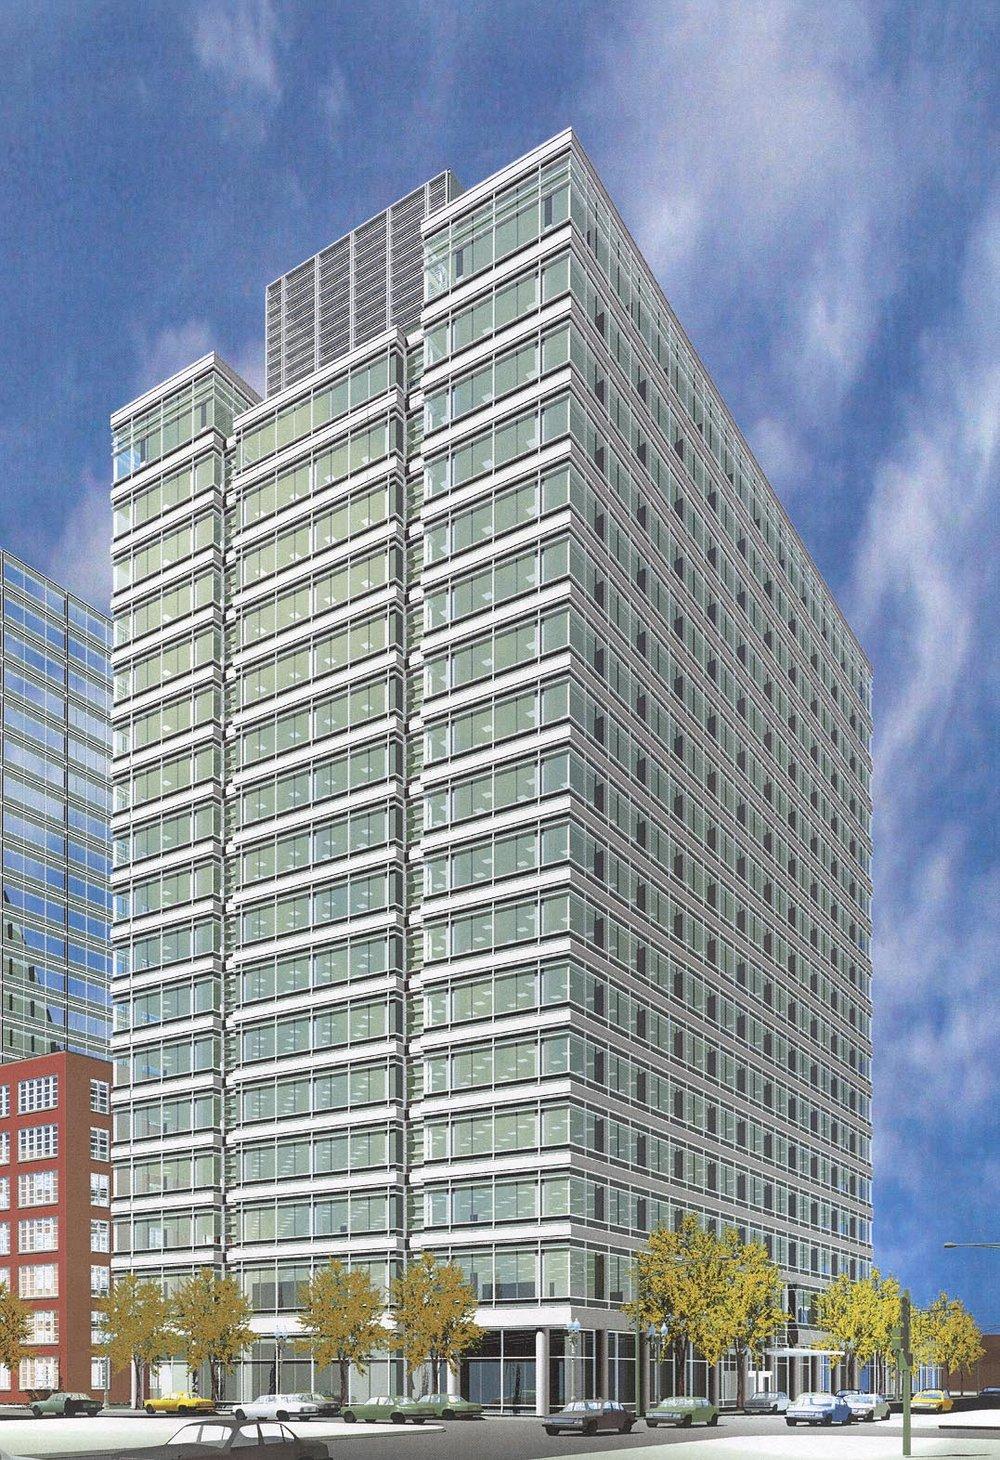 Pepsi Co 01.23 - Building Rendering.jpg